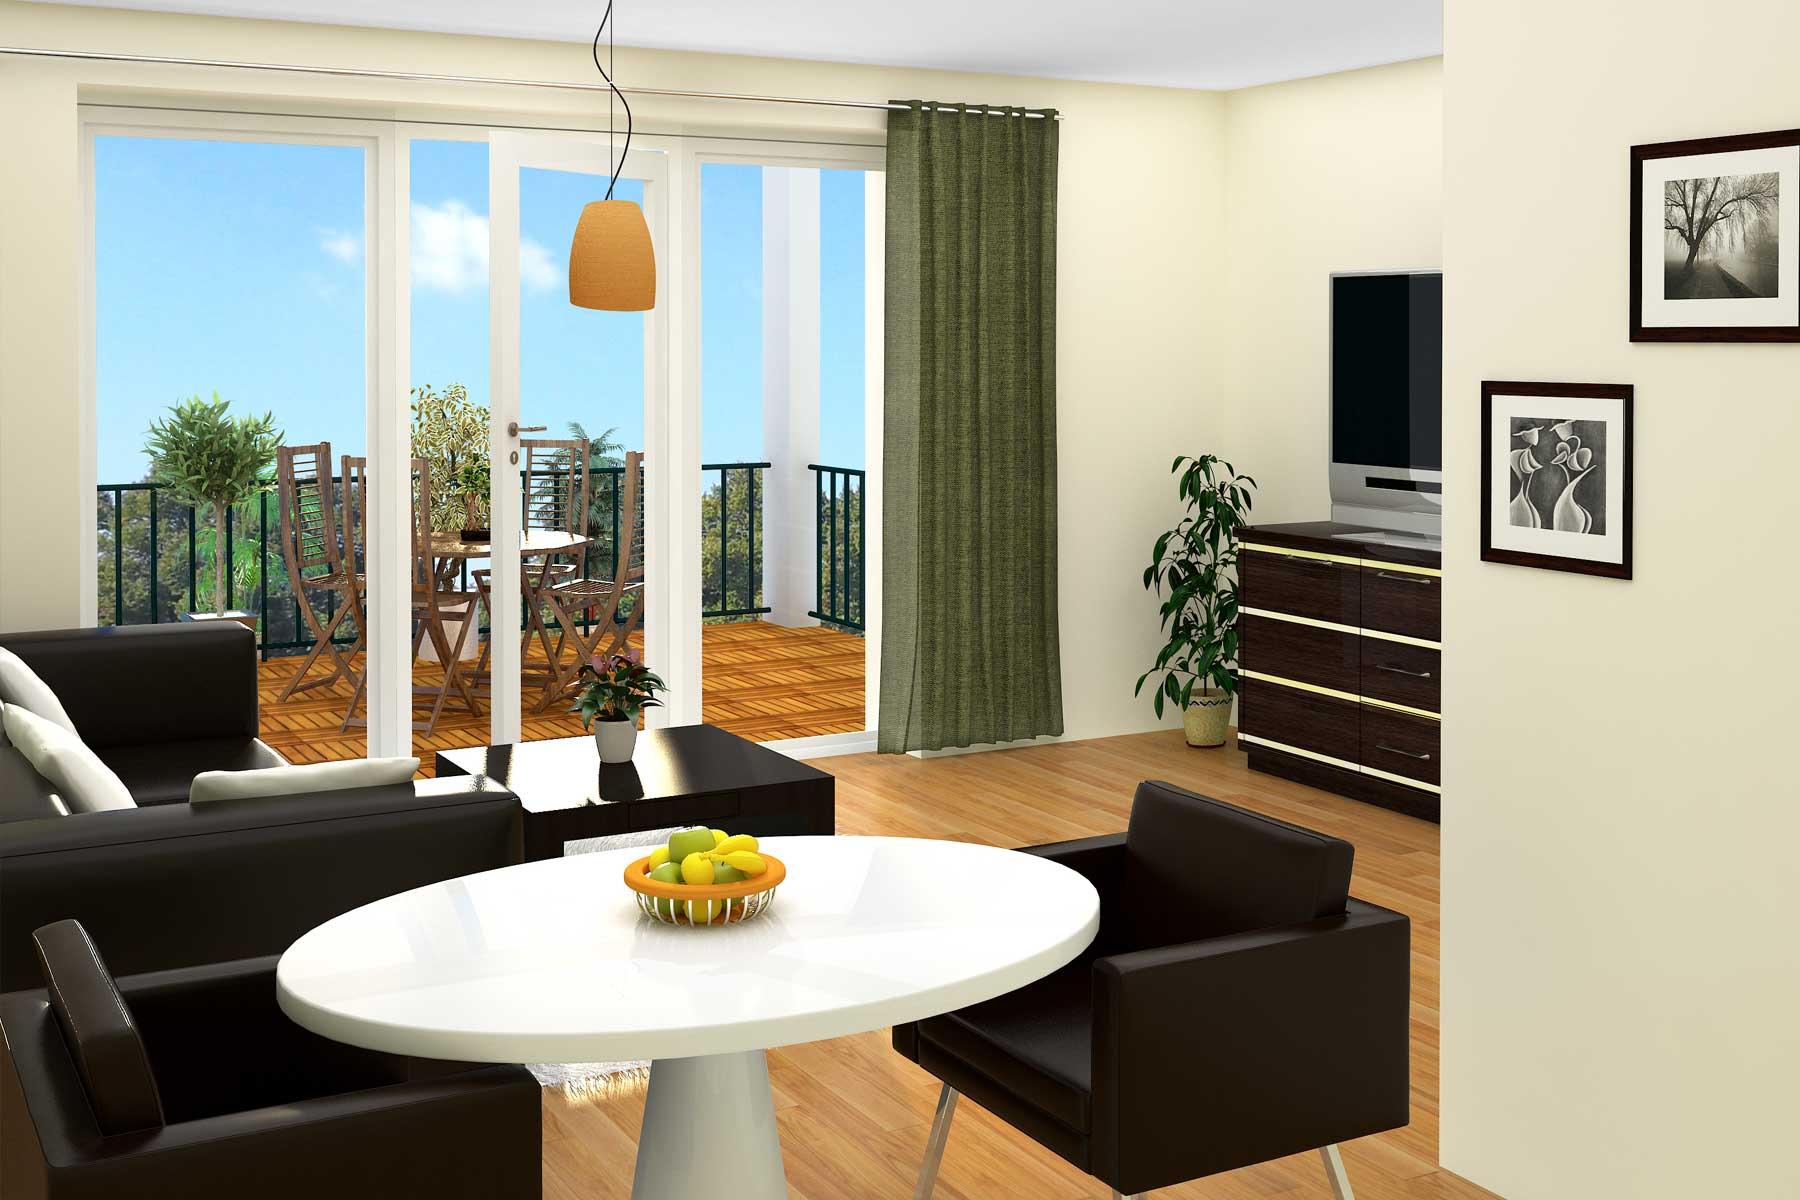 Wohnzimmer 2 Gestaltungsvariante